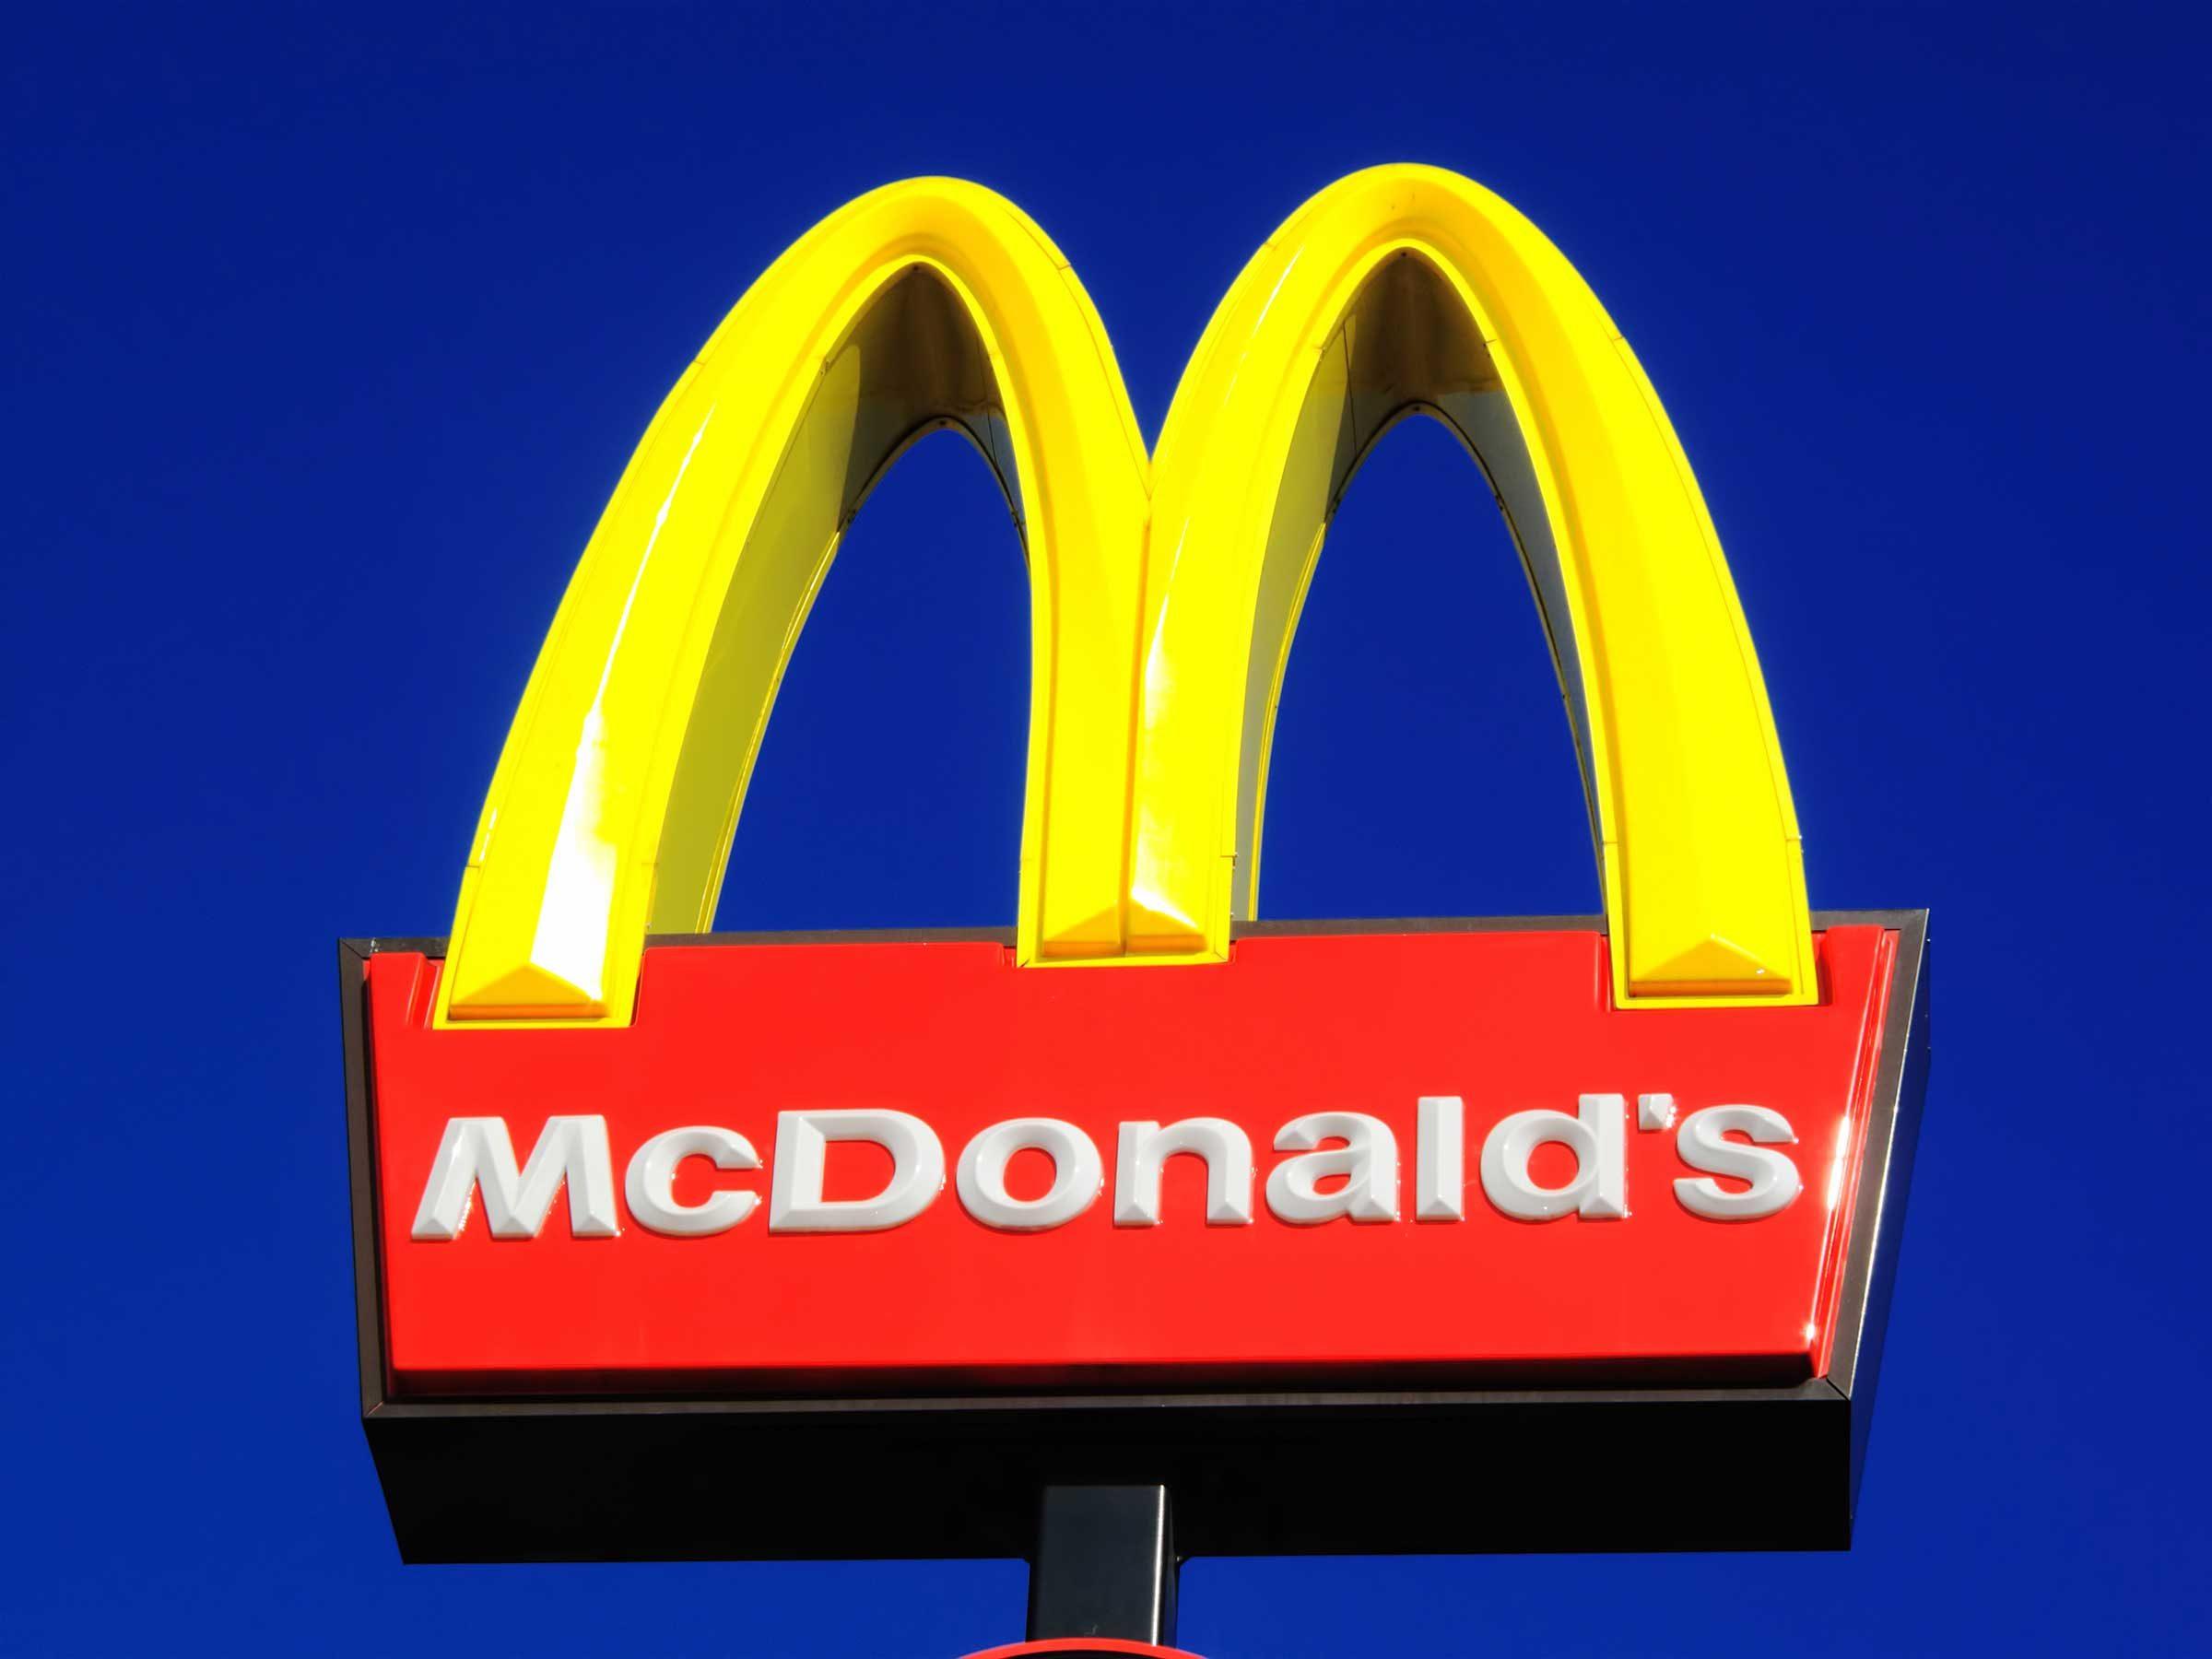 Mcdonalds Application Form Print Pdf When A Politician Applies For A Job At Mcdonalds Reader